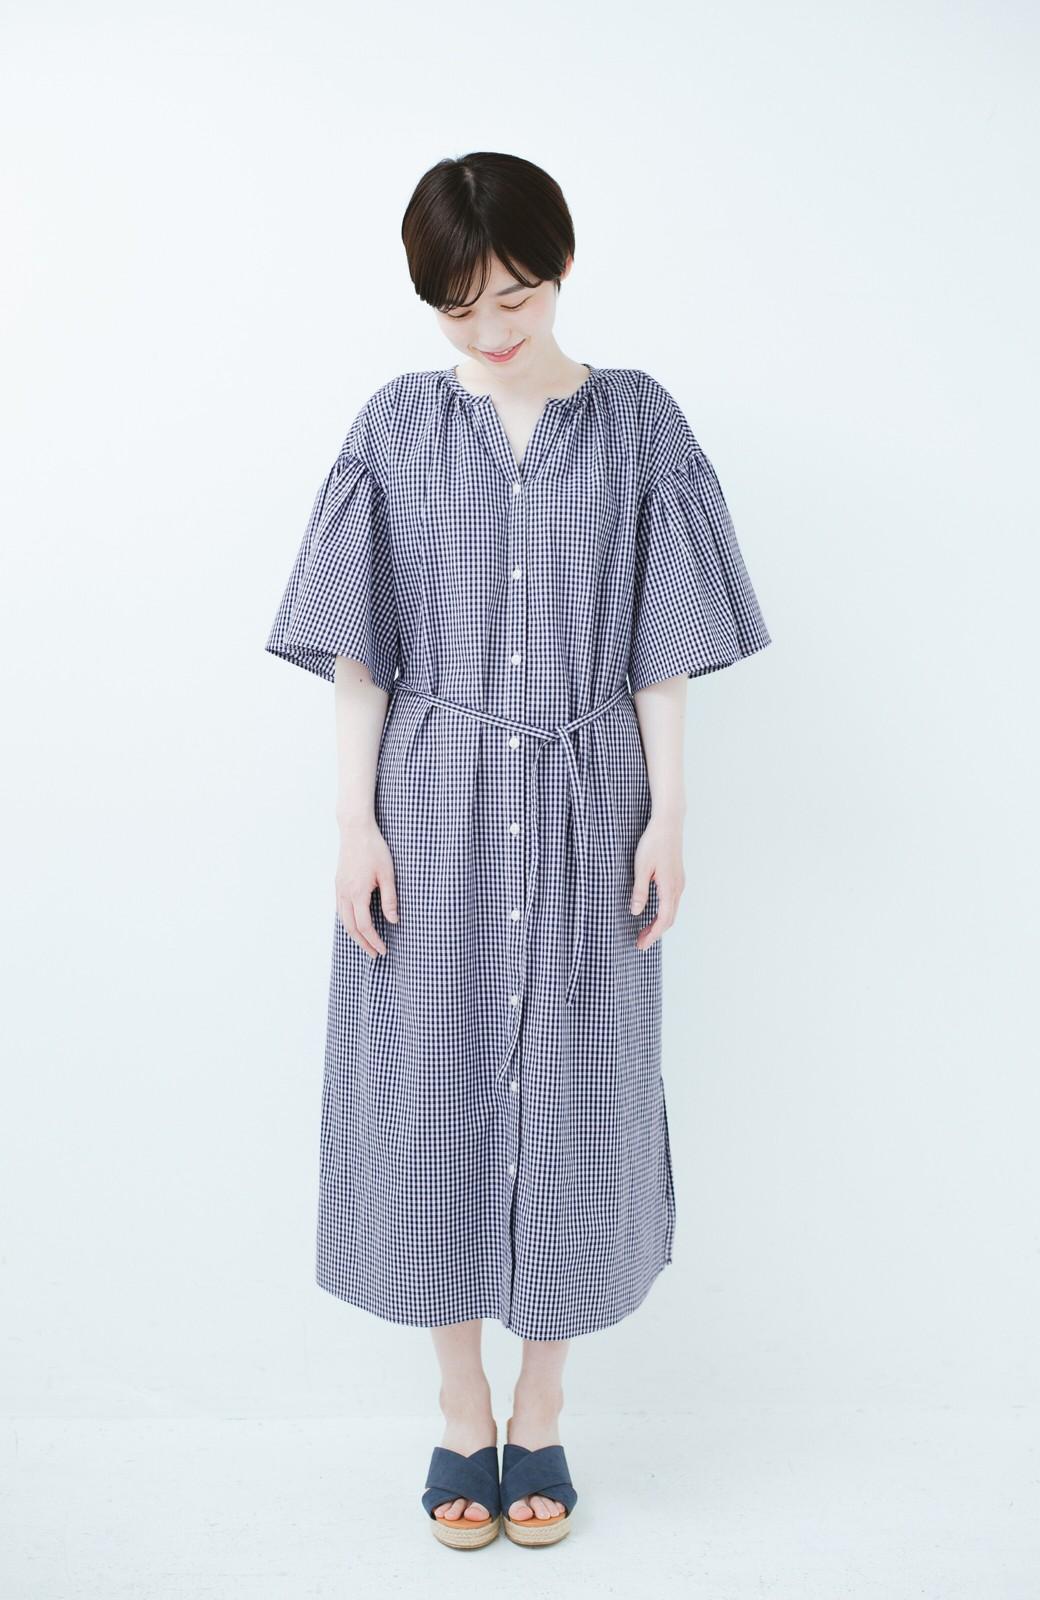 haco! 【スタッフスペシャルセット】ギリギリ女子ミオの夏のコーデに便利!手持ちのTシャツといけるんちゃうかセット  <その他>の商品写真6